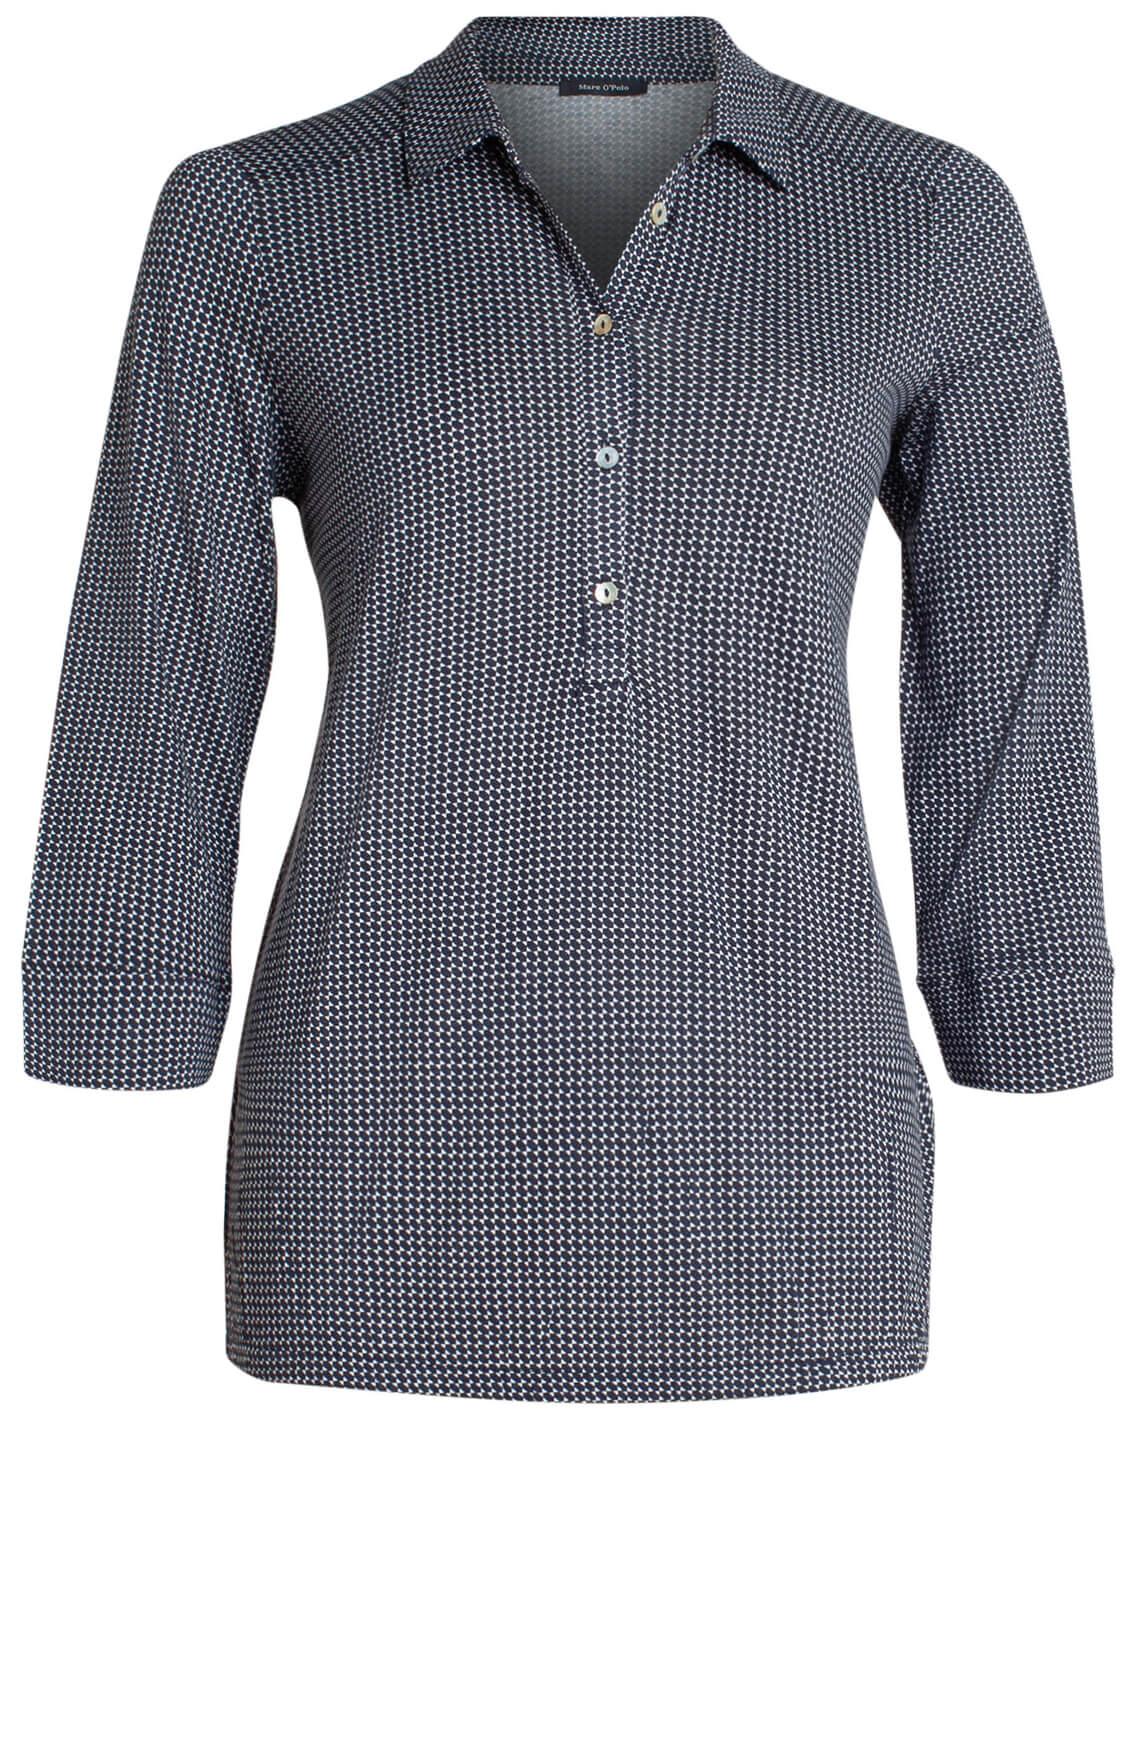 Marc O'Polo Dames Geprinte blouse zwart